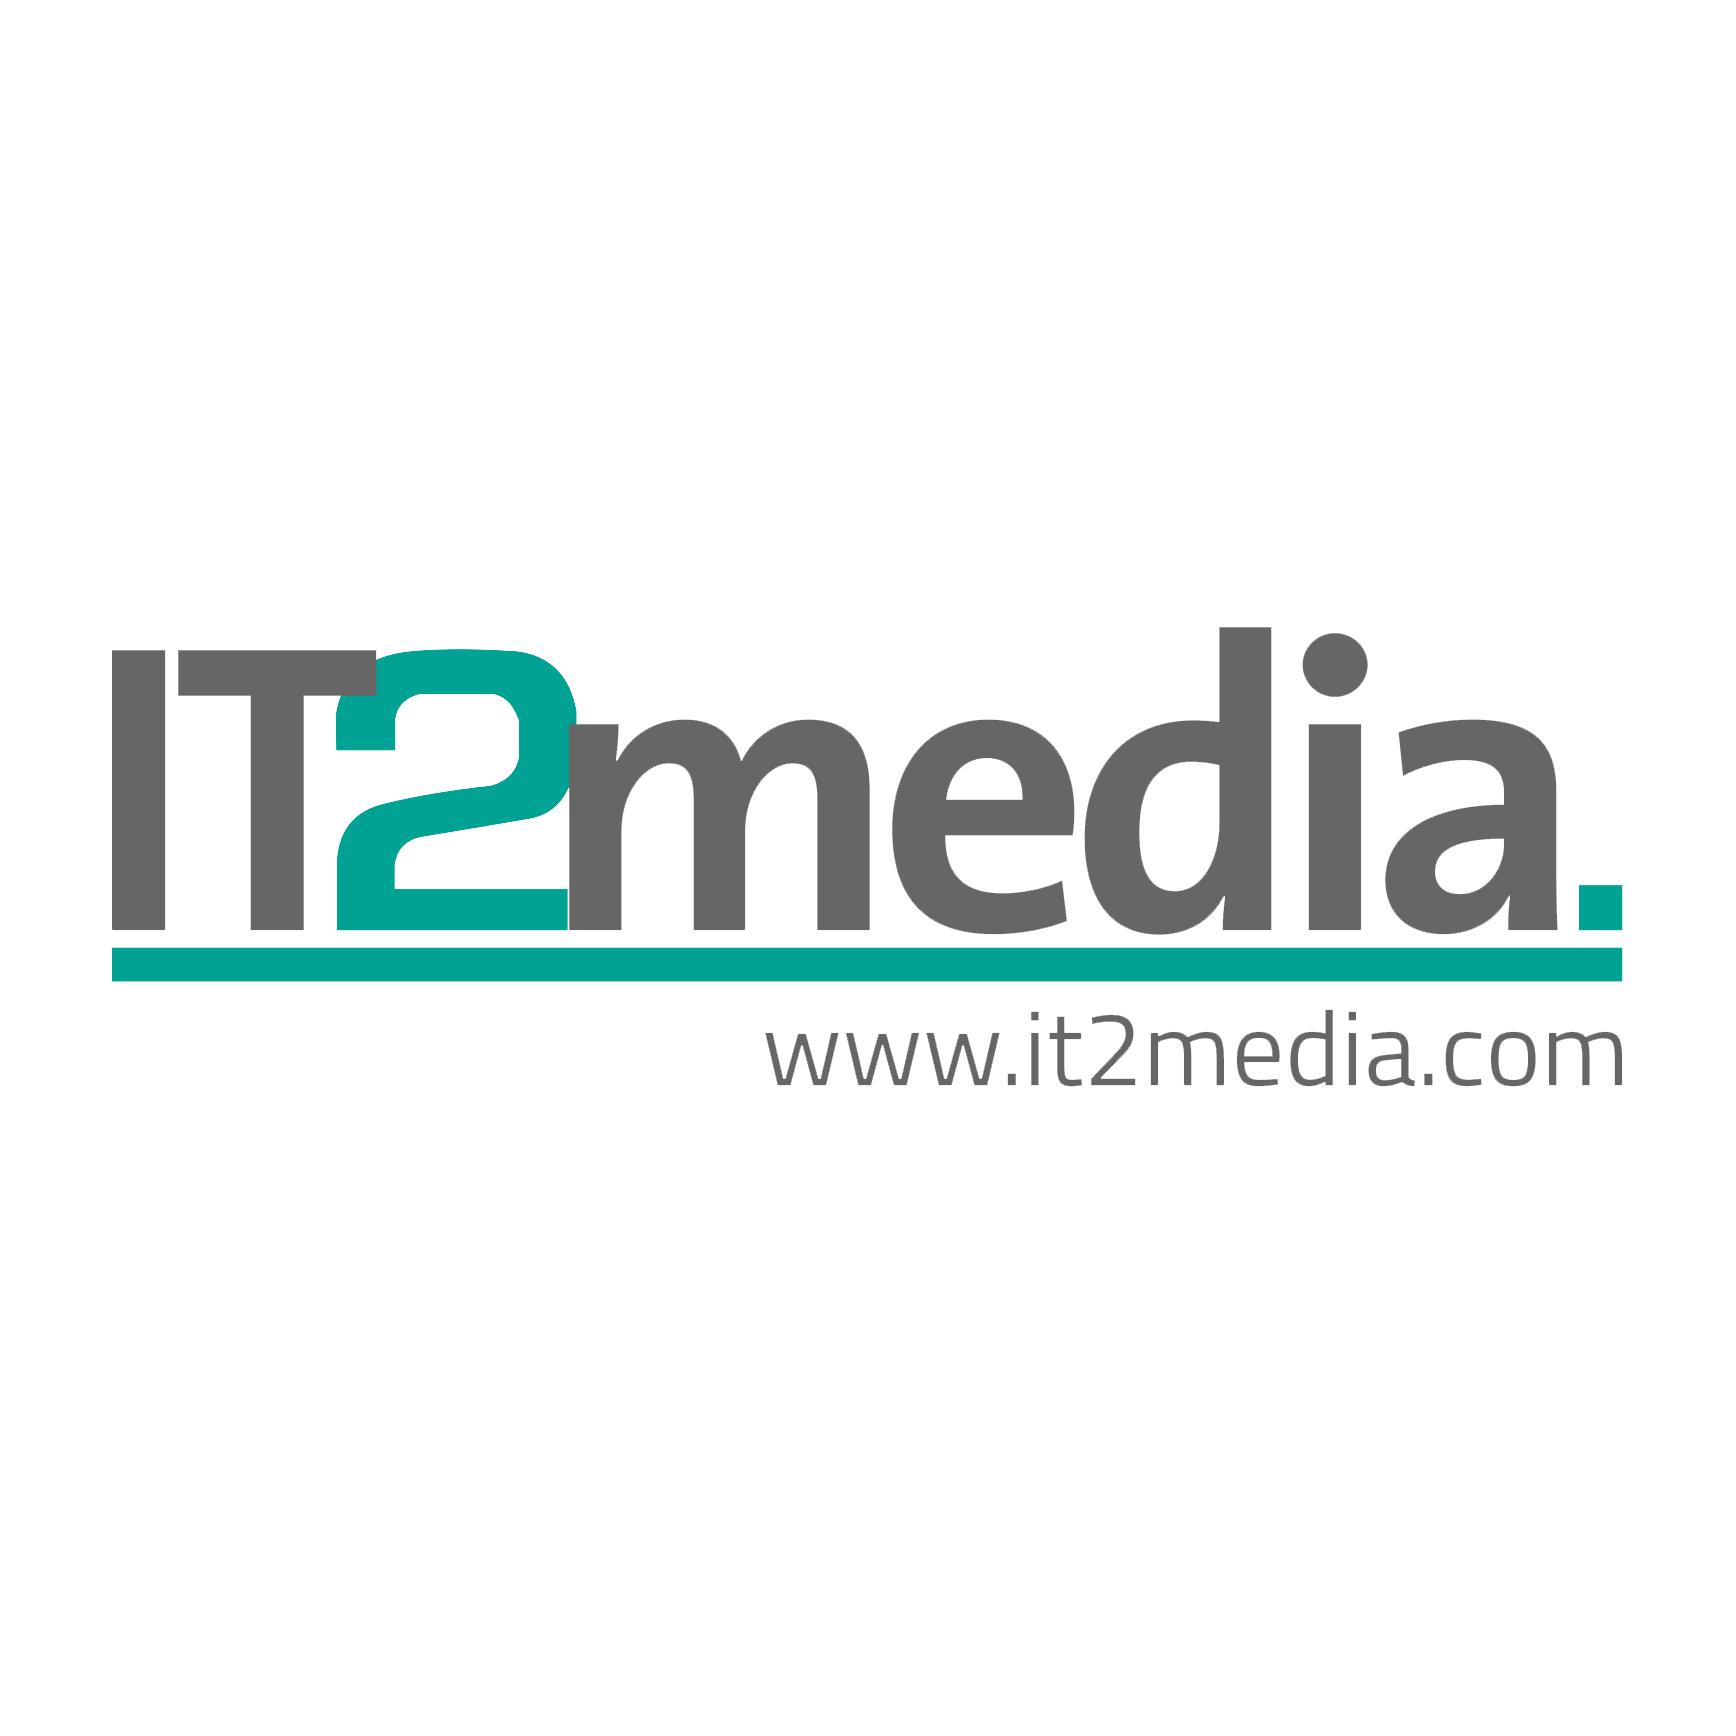 Bild zu IT2media GmbH & Co. KG in Nürnberg